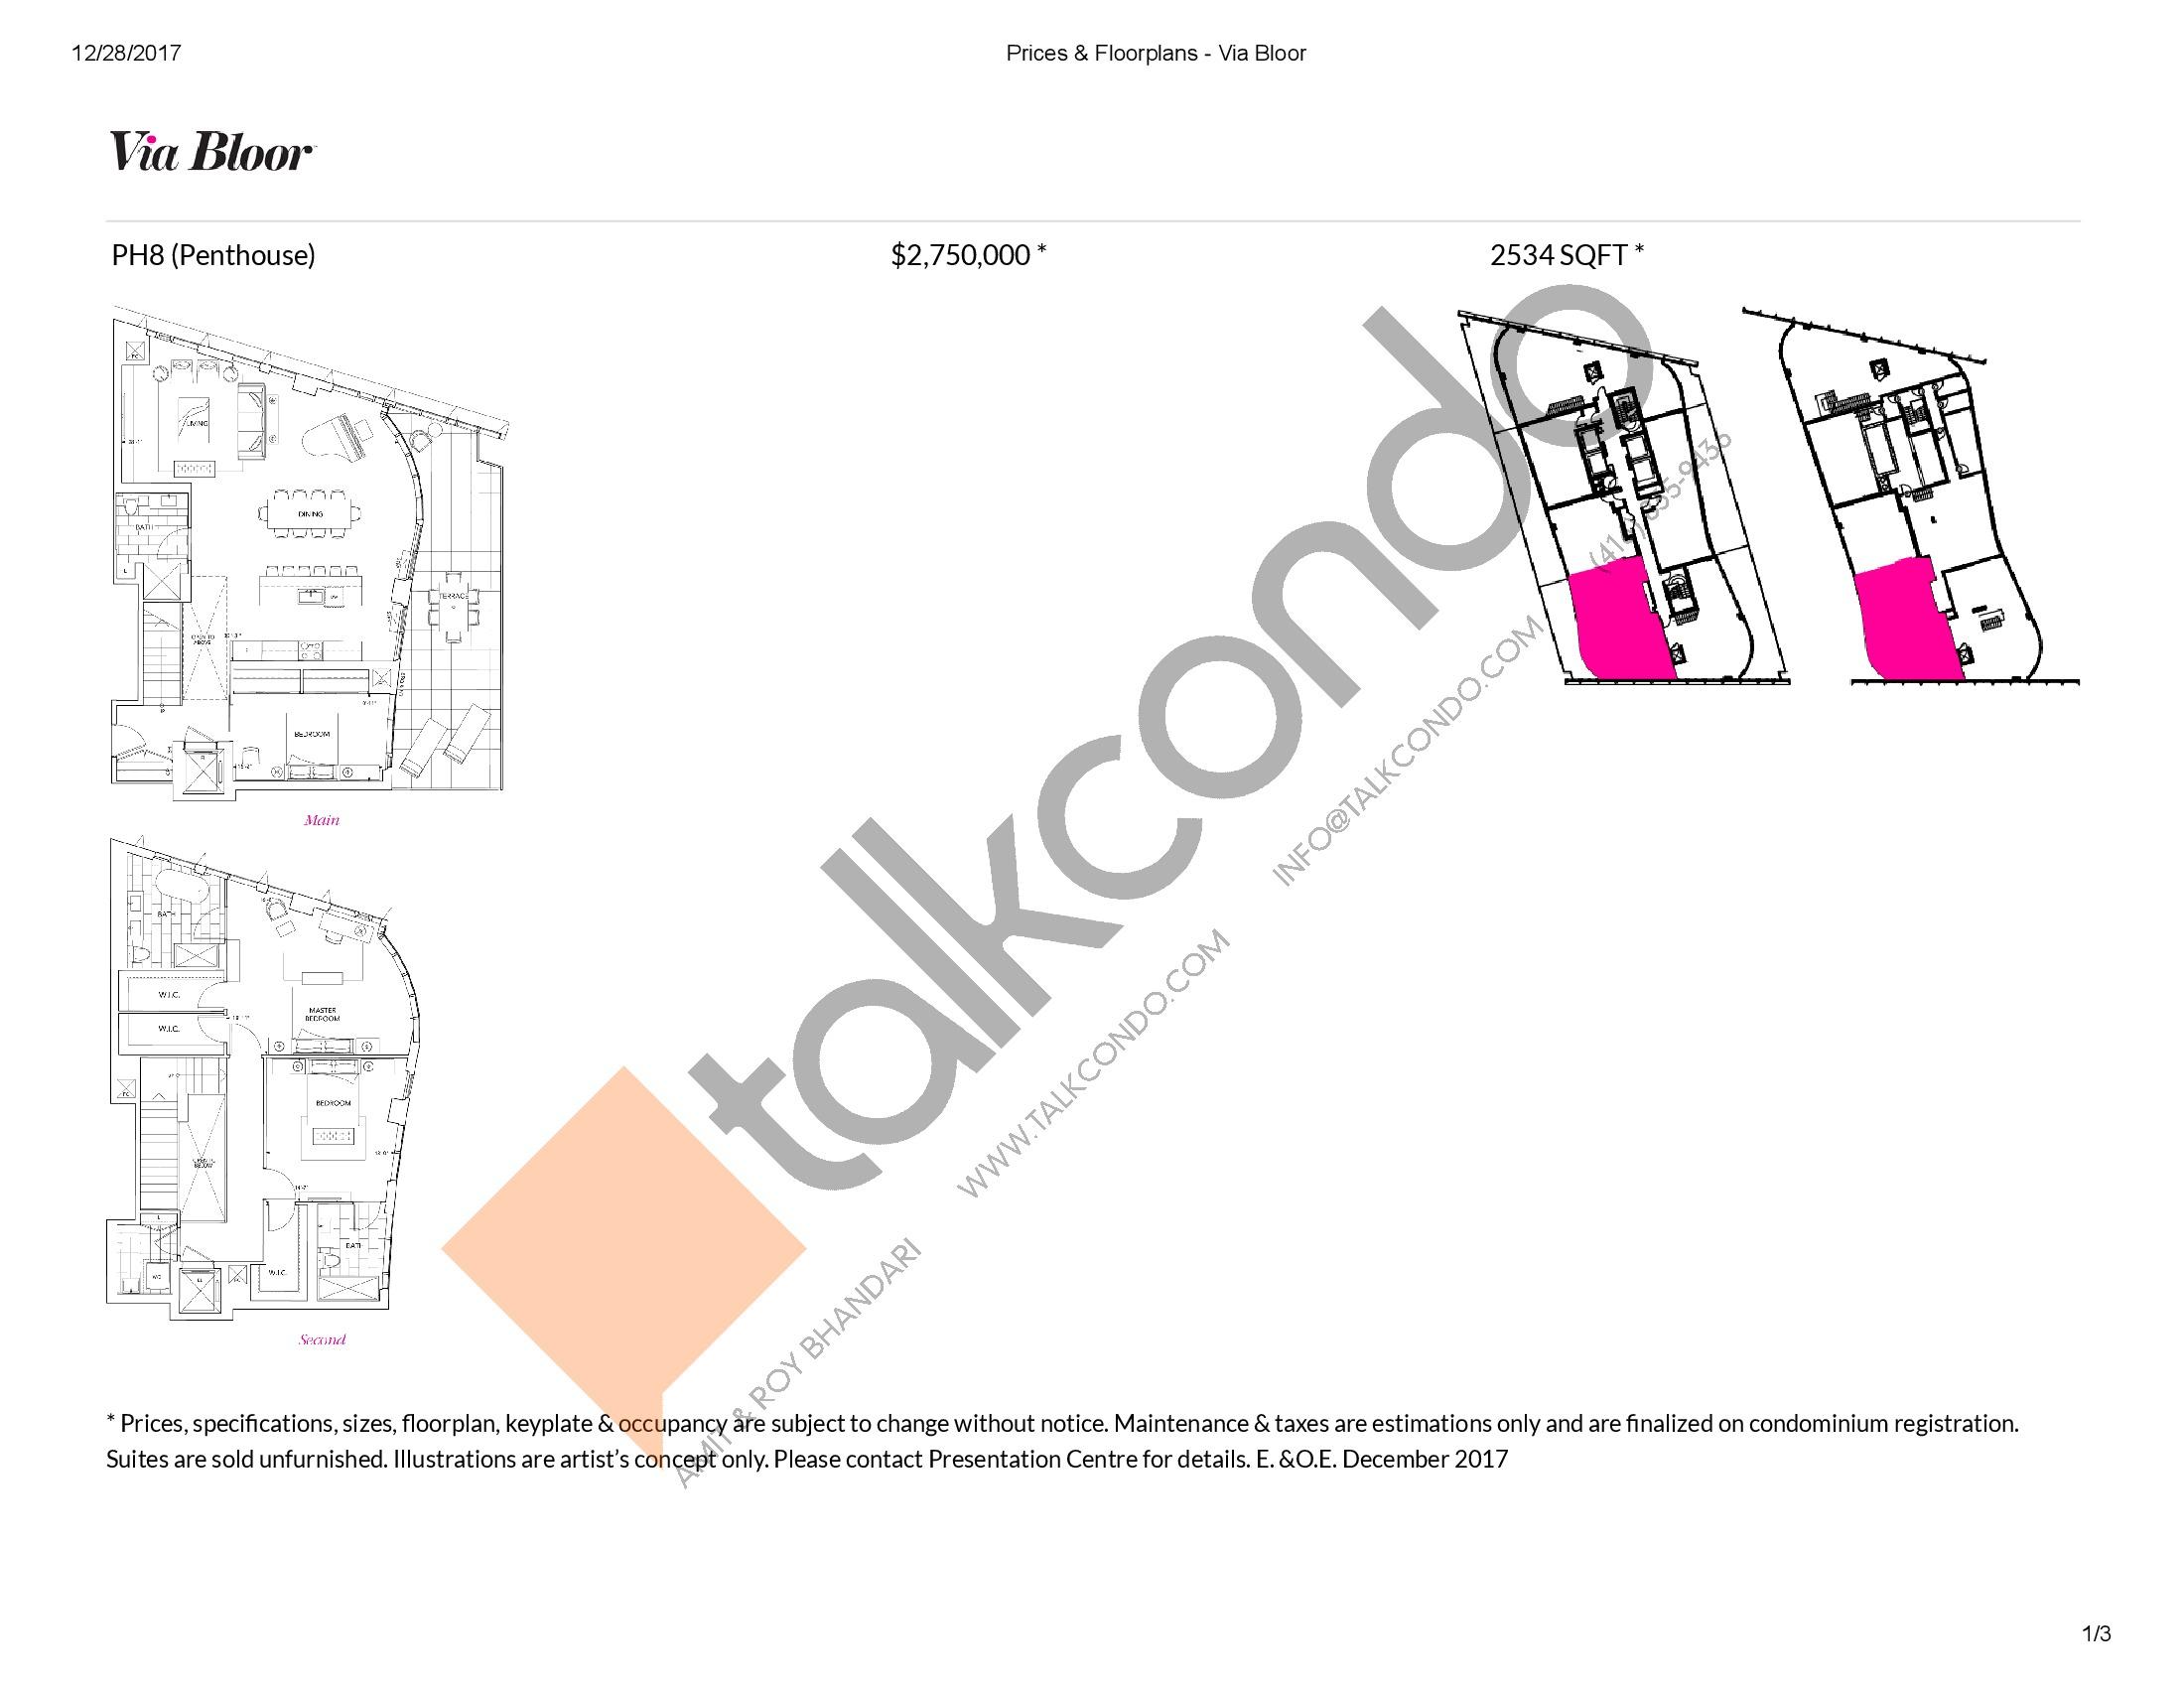 Via Bloor Condos | PH8 | 2534 sq ft  | 3 bedrooms